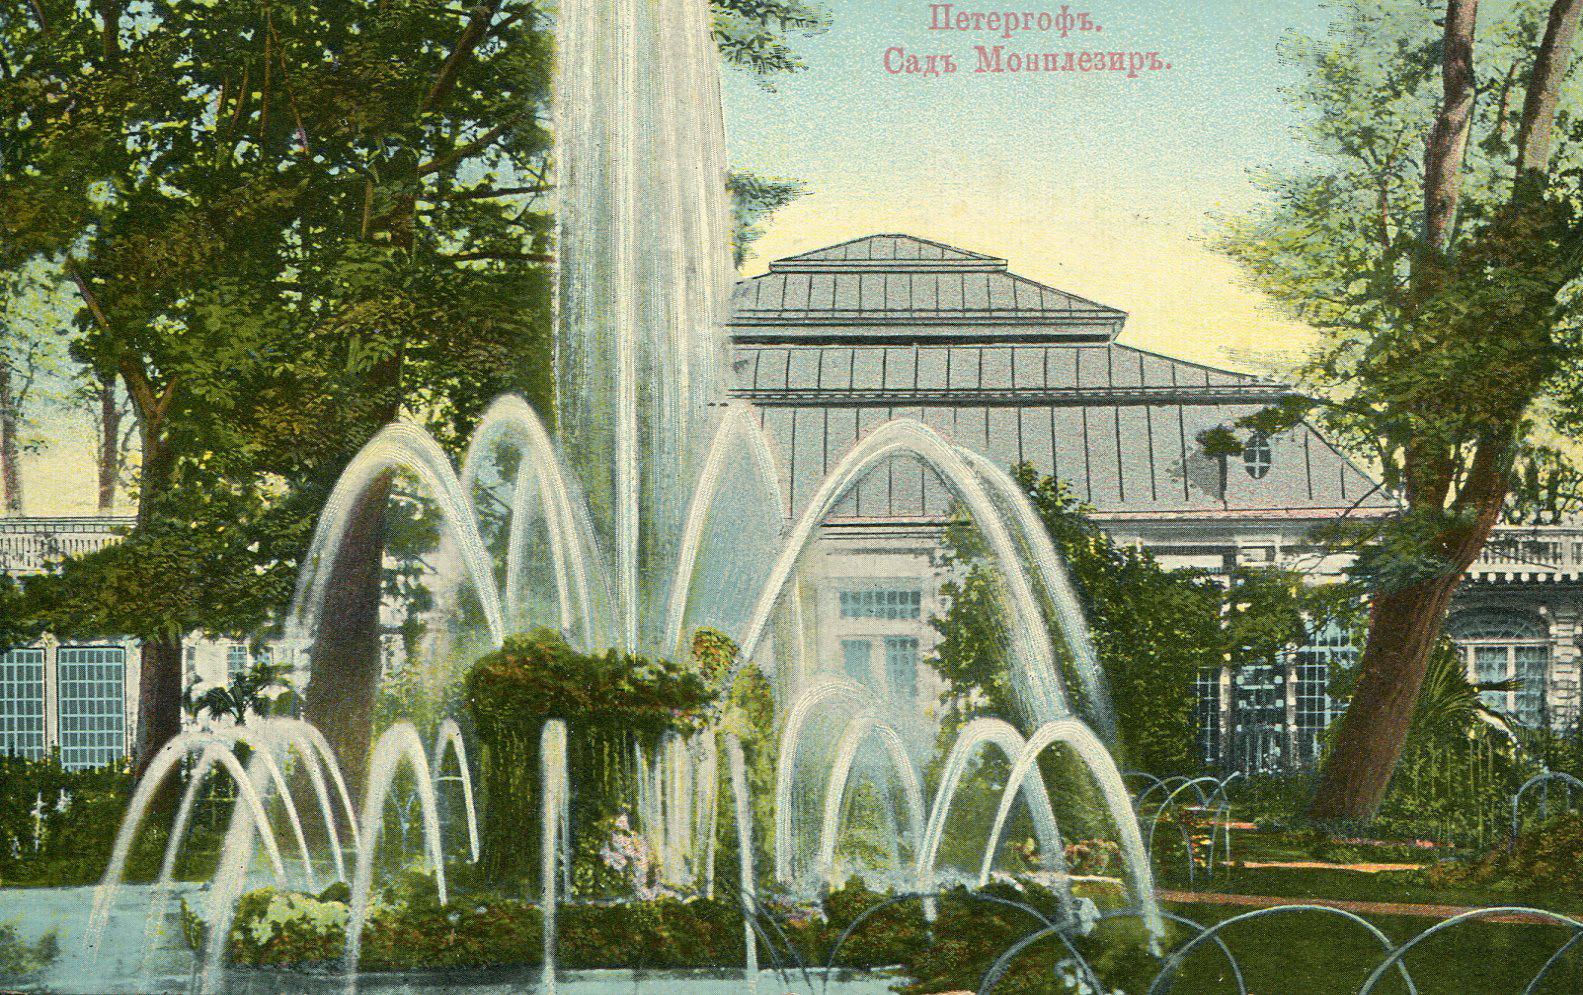 Сад «Монплезир». Павильон и фонтан